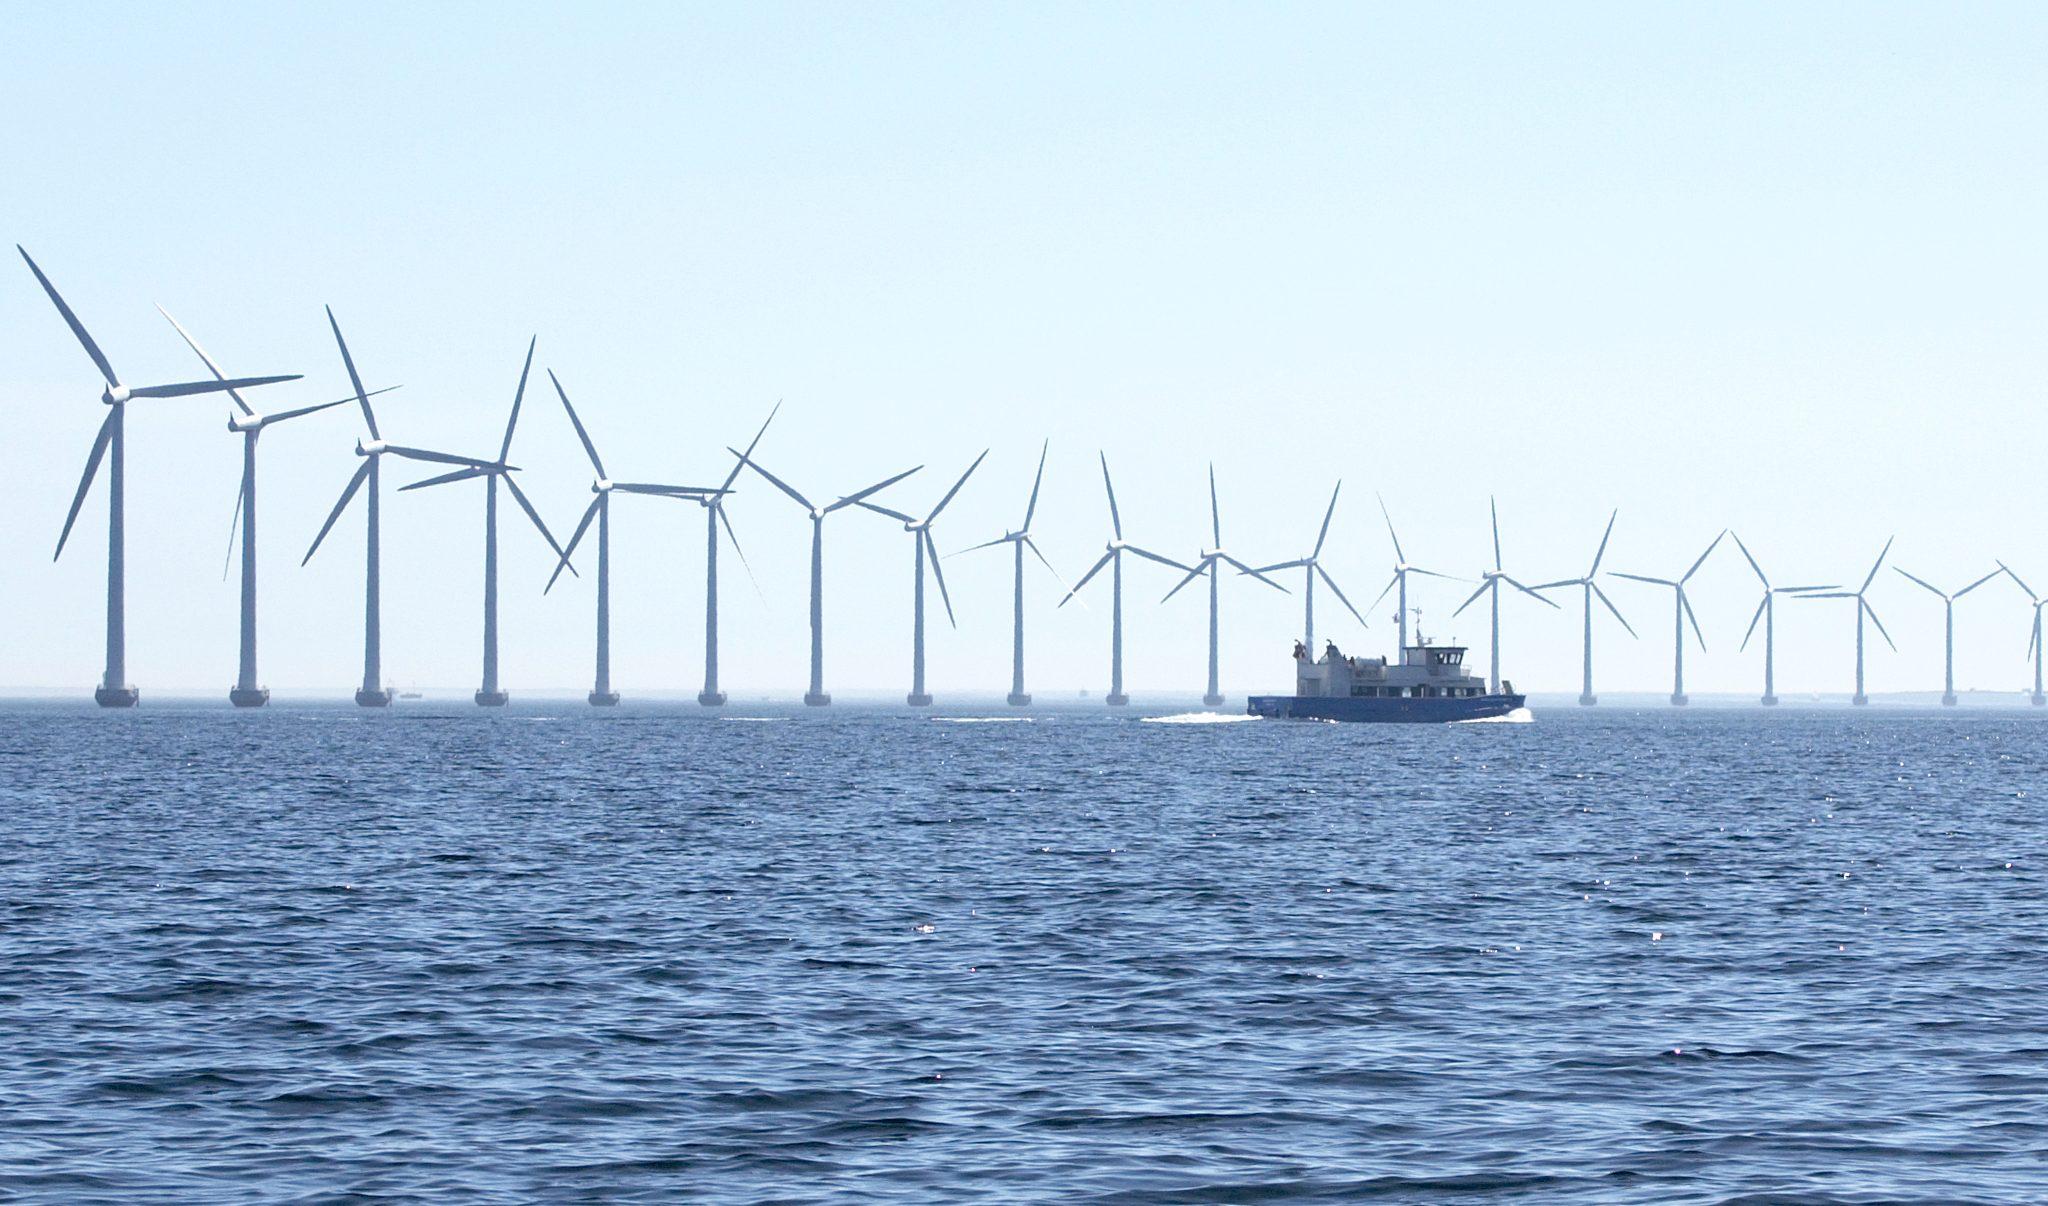 Het aandeel hernieuwbare elektriciteit in Nederland is nu 14%. Door maximaal in te zetten op elektrificatie gaat onze elektriciteitsvraag echter omhoog. Die is ten opzichte van 2000 met 13% gestegen. Archieffoto Schuttevaer